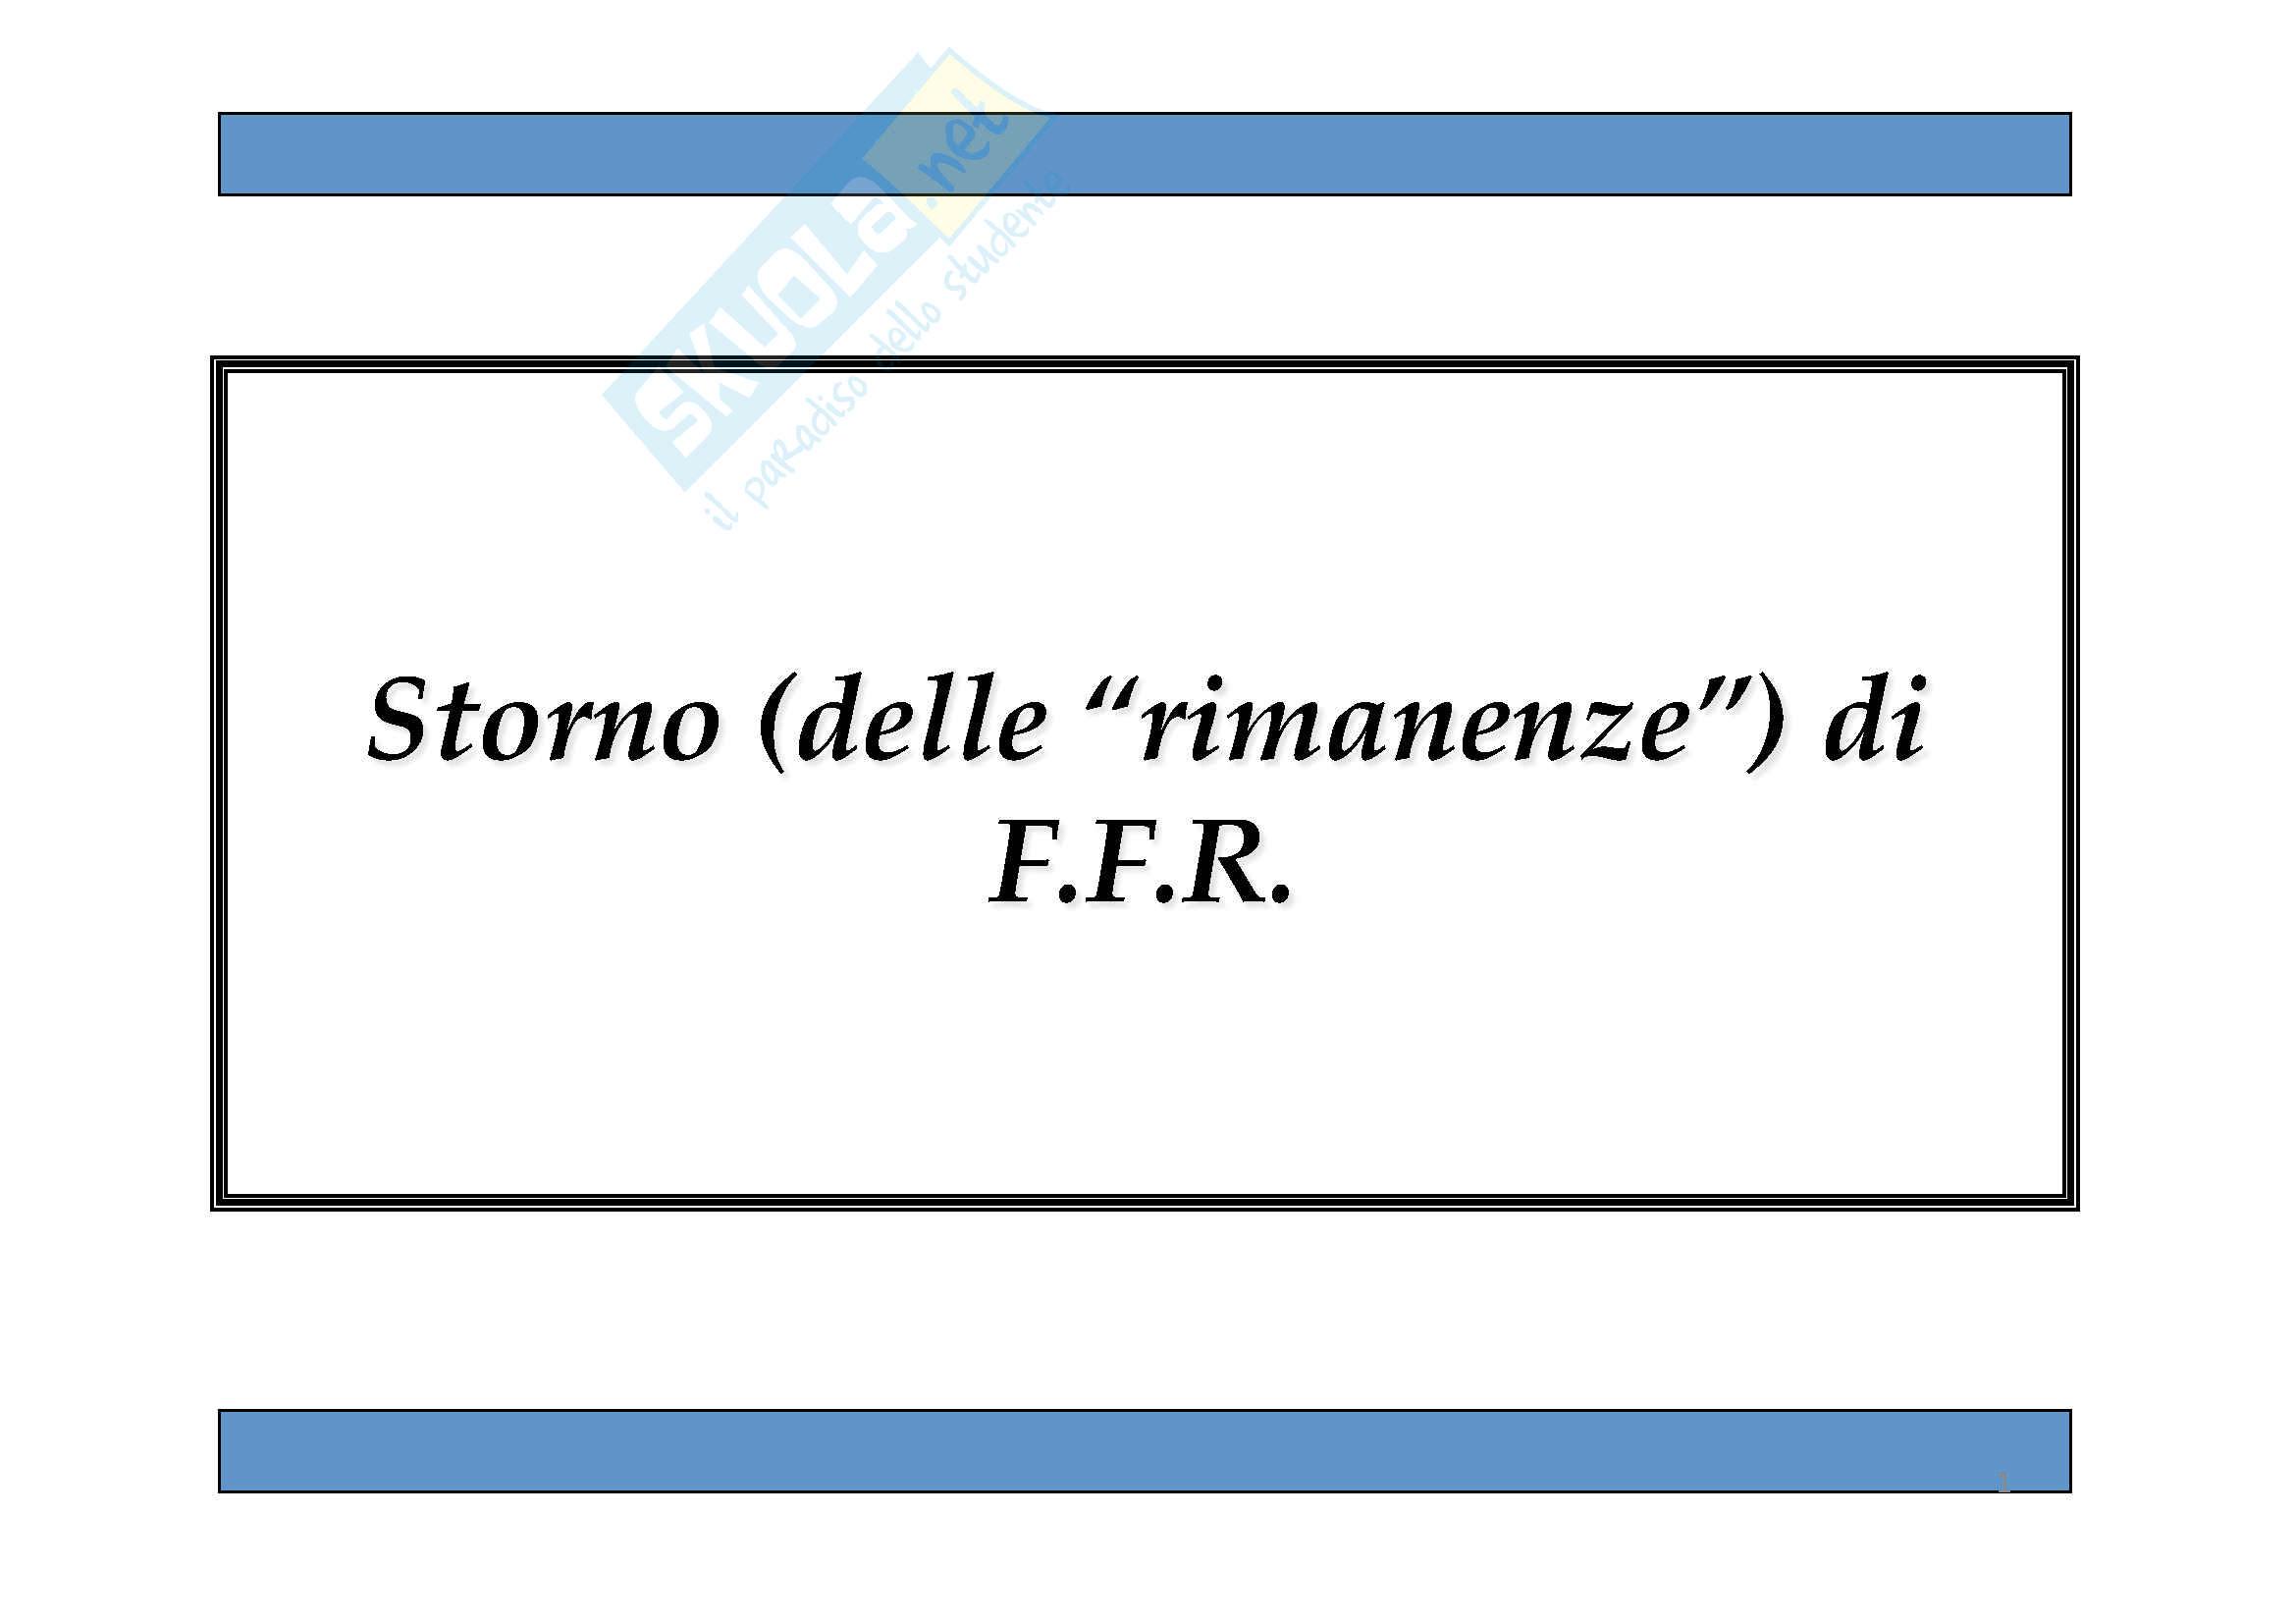 Economia aziendale - Storno di F.F.R.